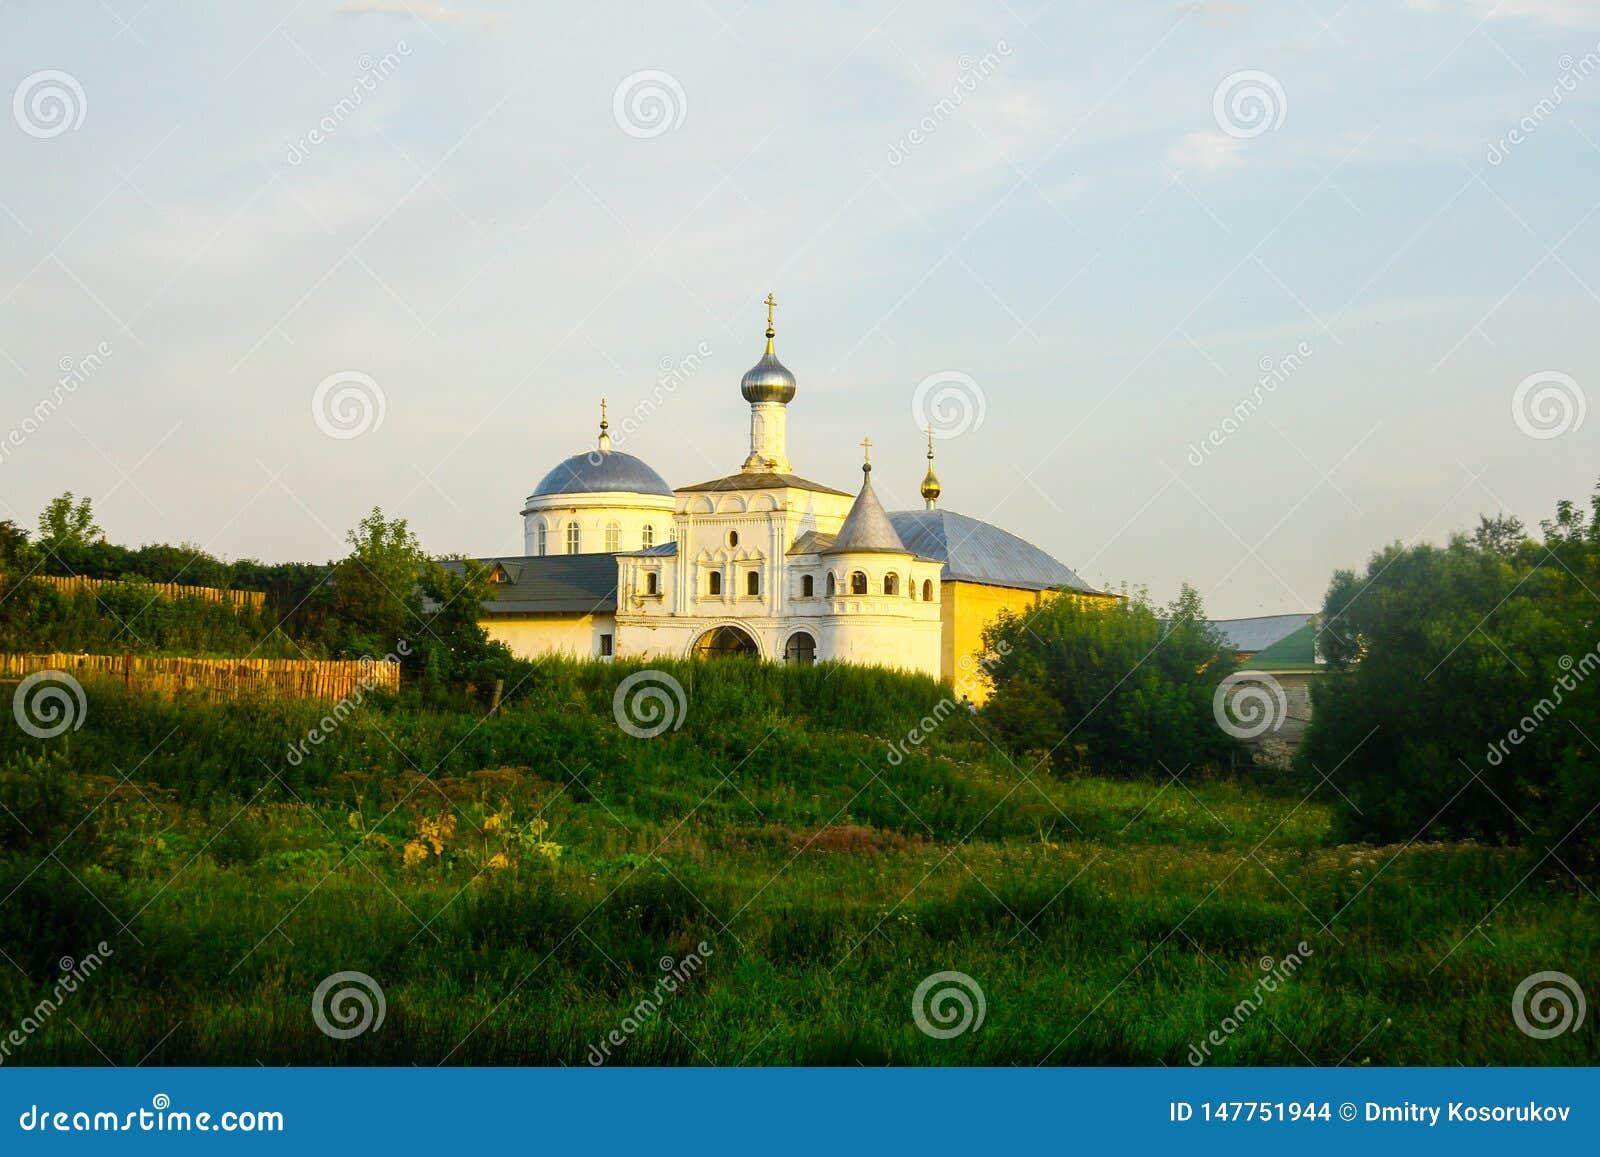 Vit stenar domkyrkan på kullen